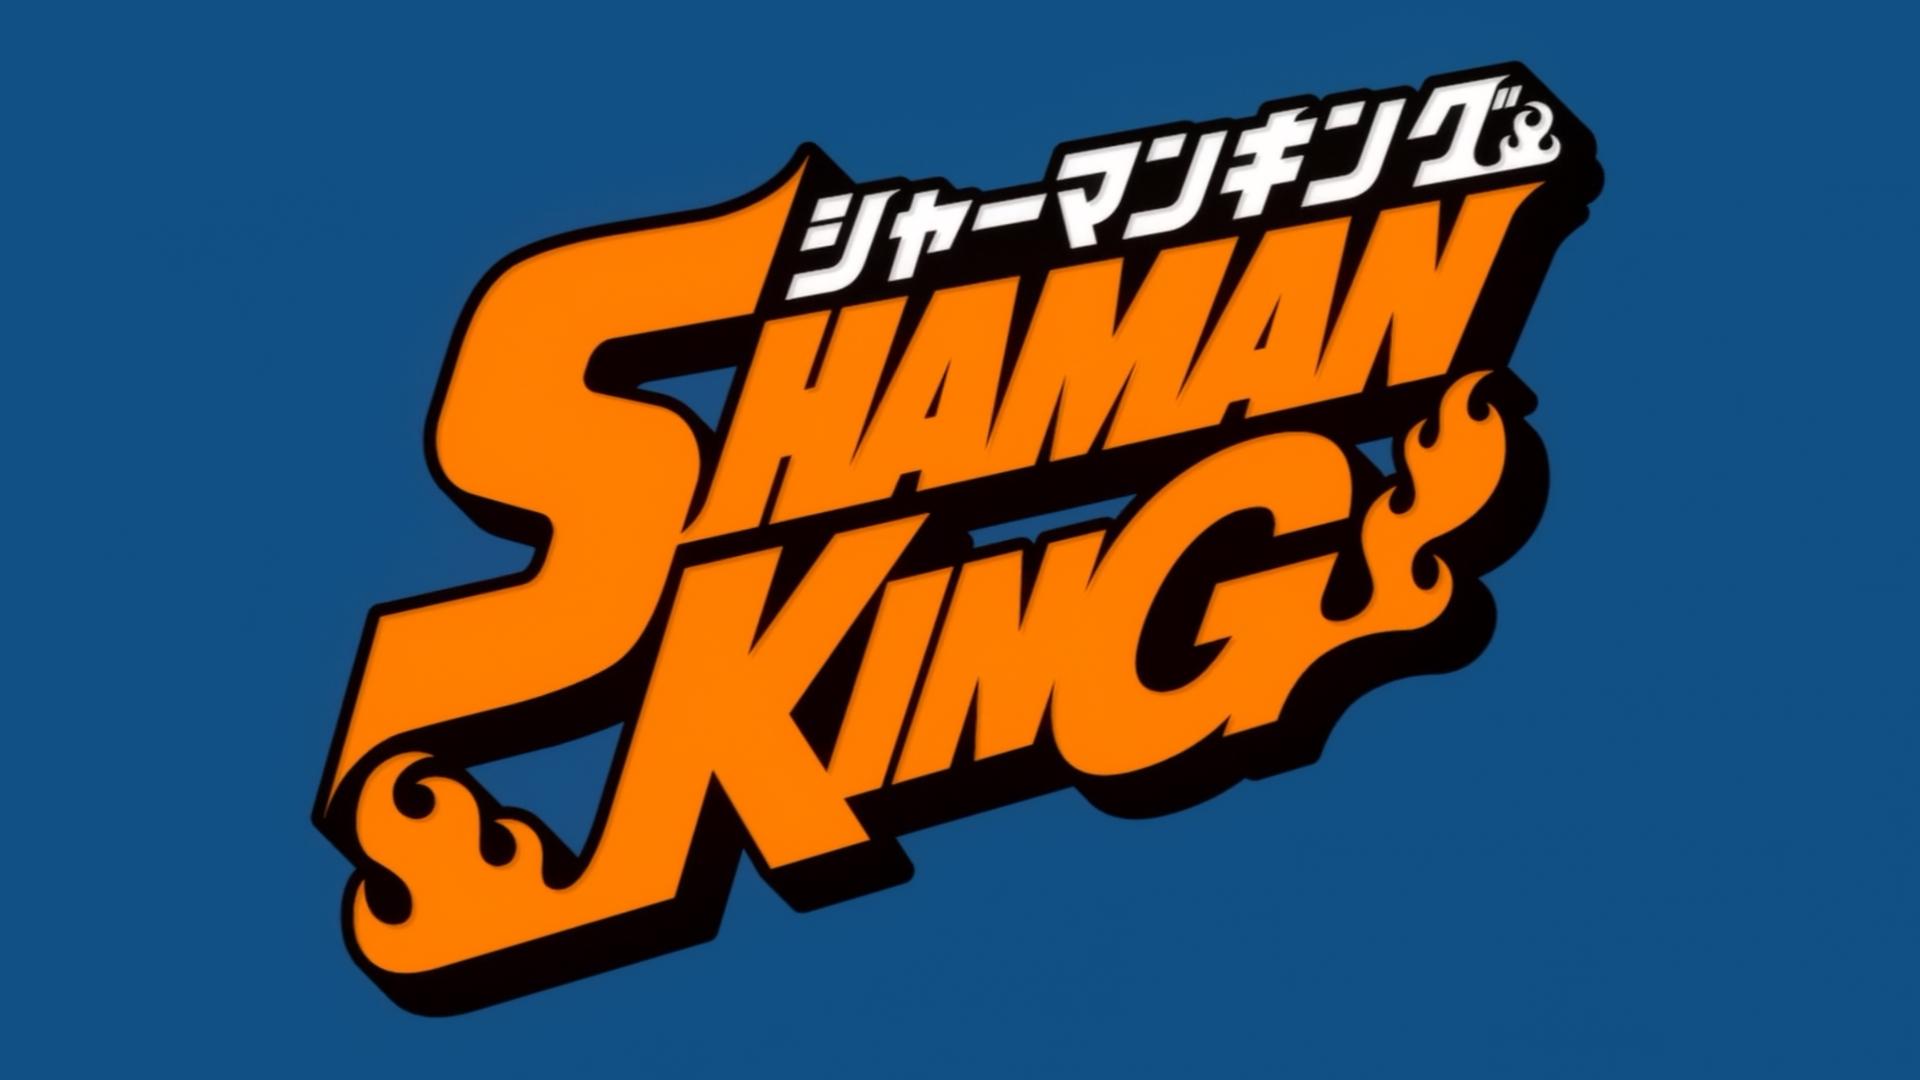 shamankingtitle